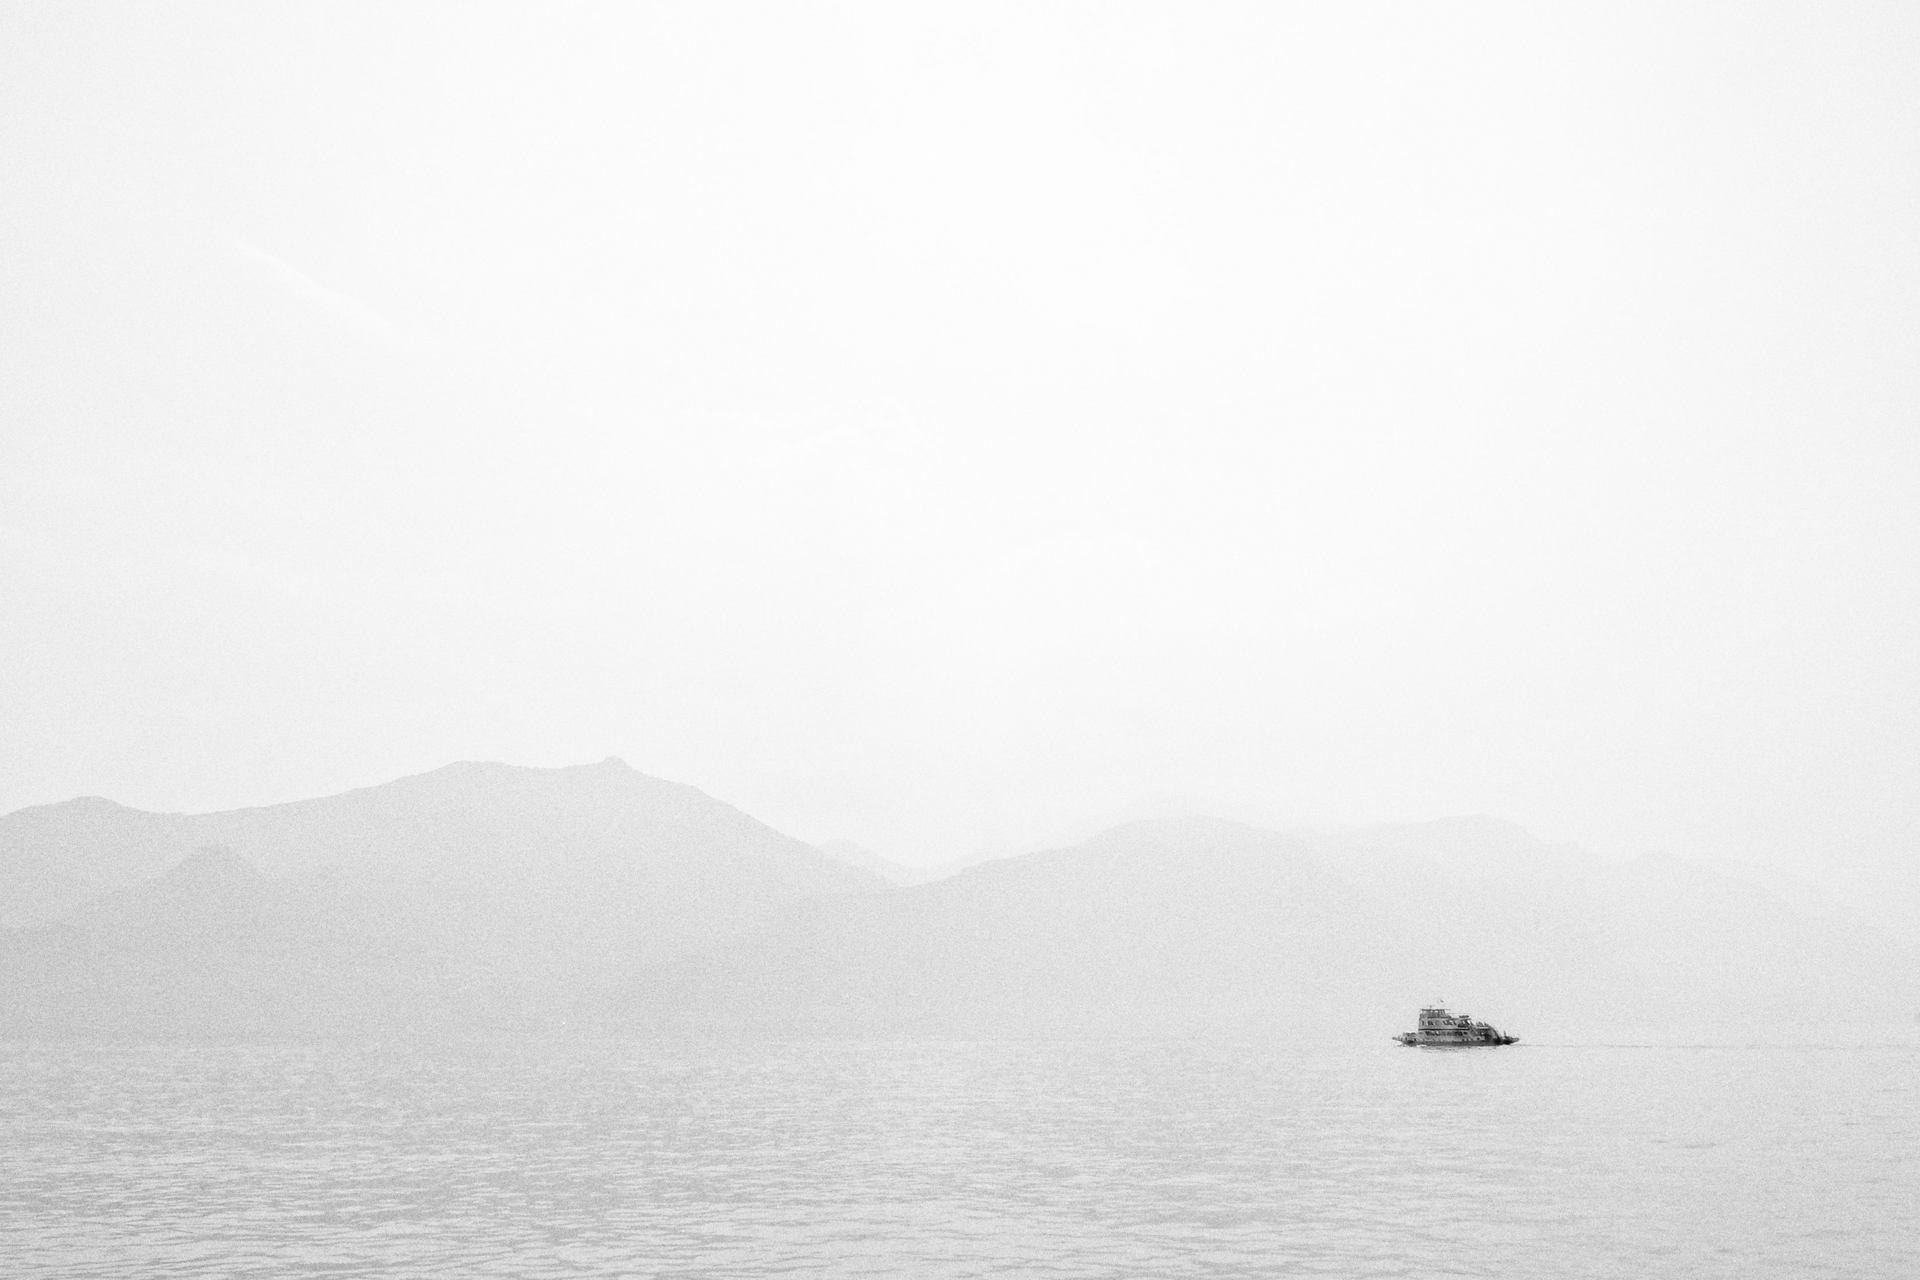 voyage blanc